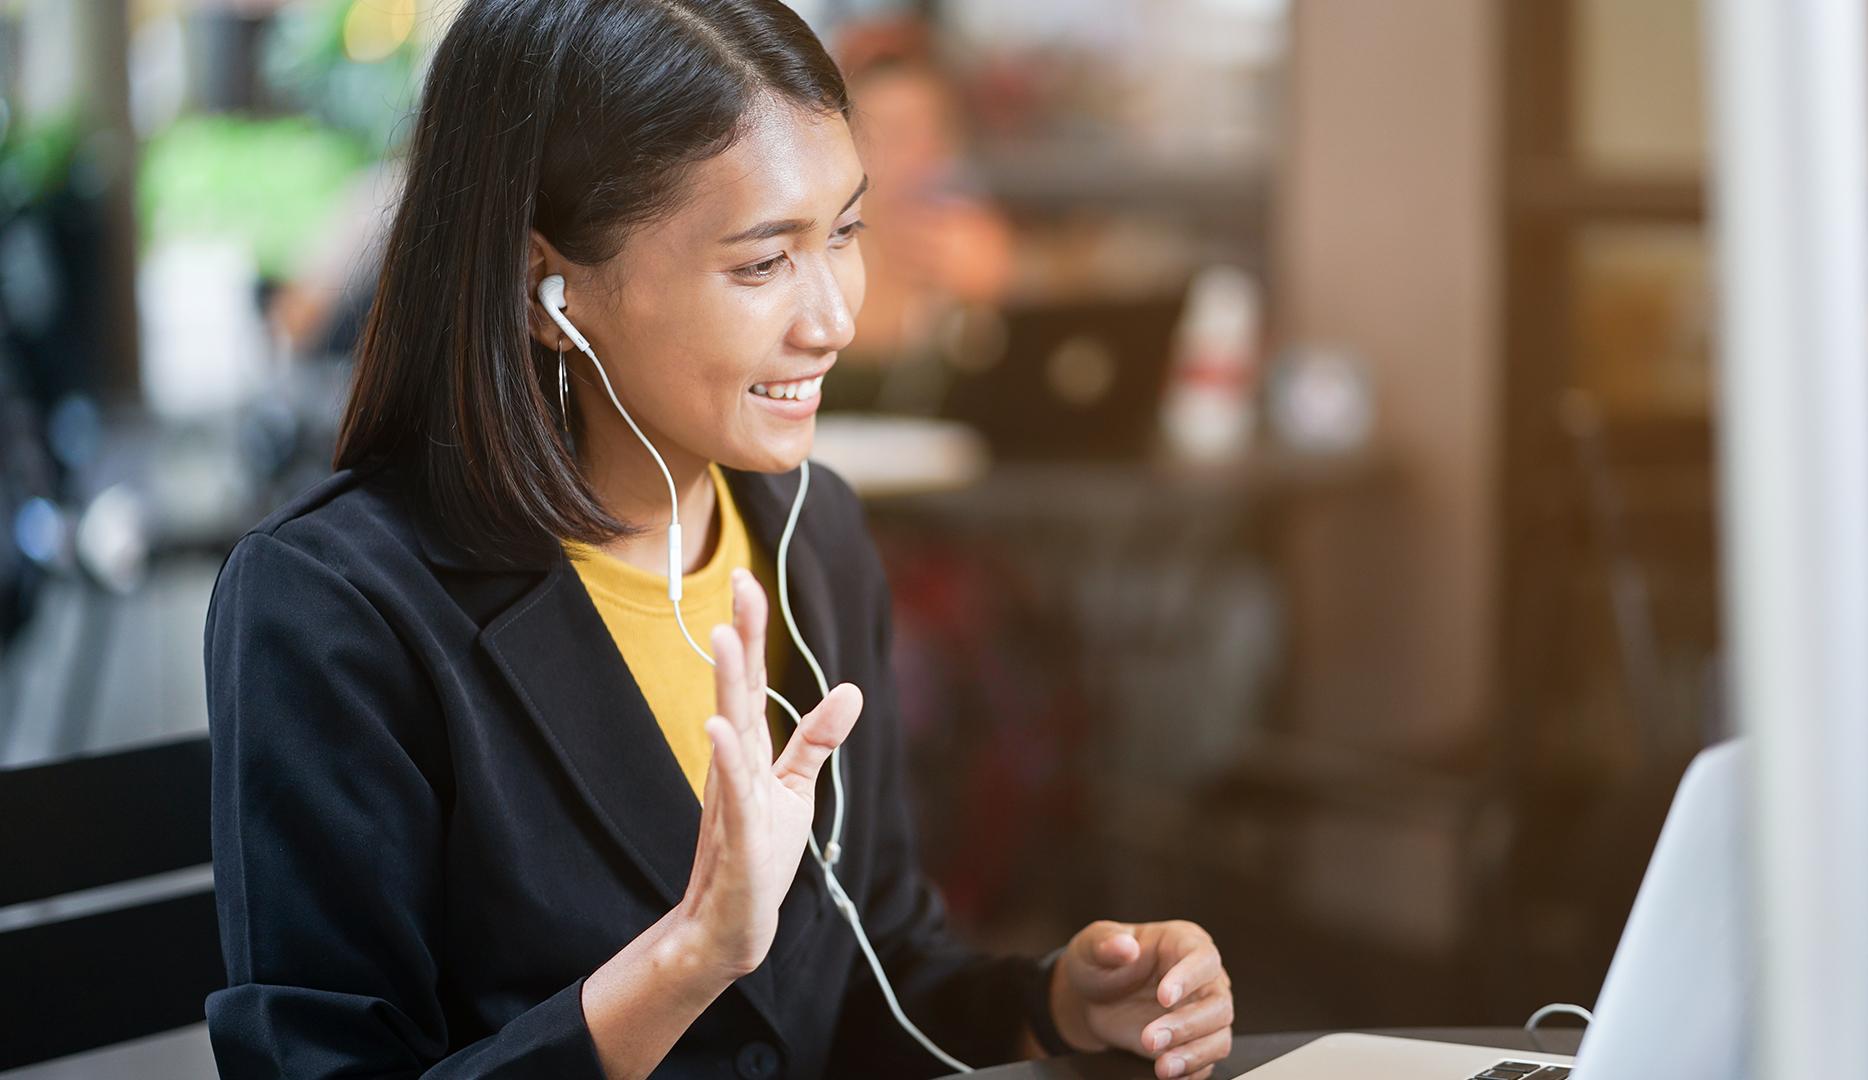 Bonnes pratiques pour les entretiens dans les environnements virtuels